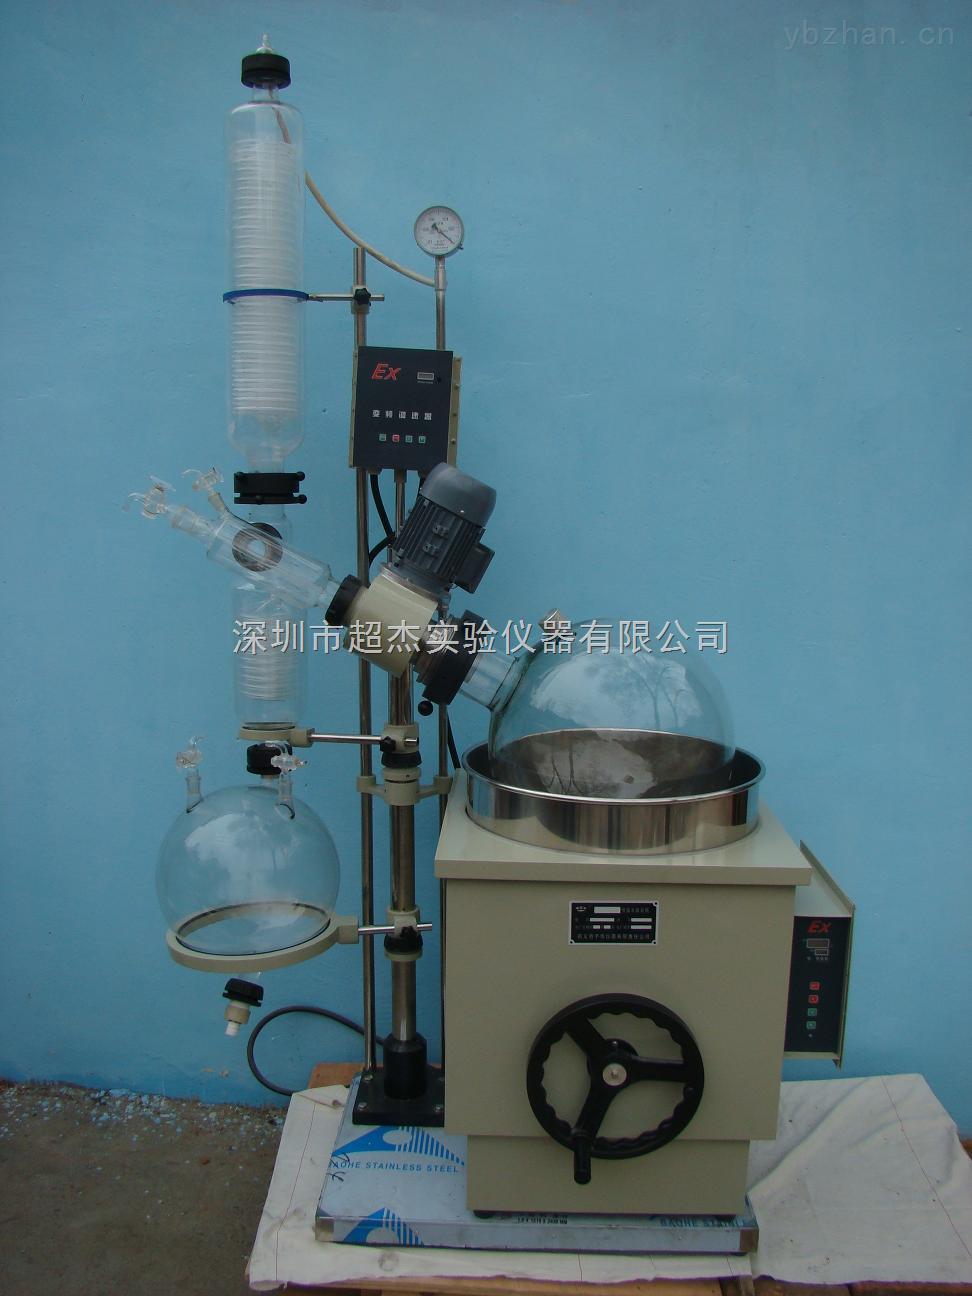 深圳超杰实验仪器一下公司供应30L深圳蒸发仪价格